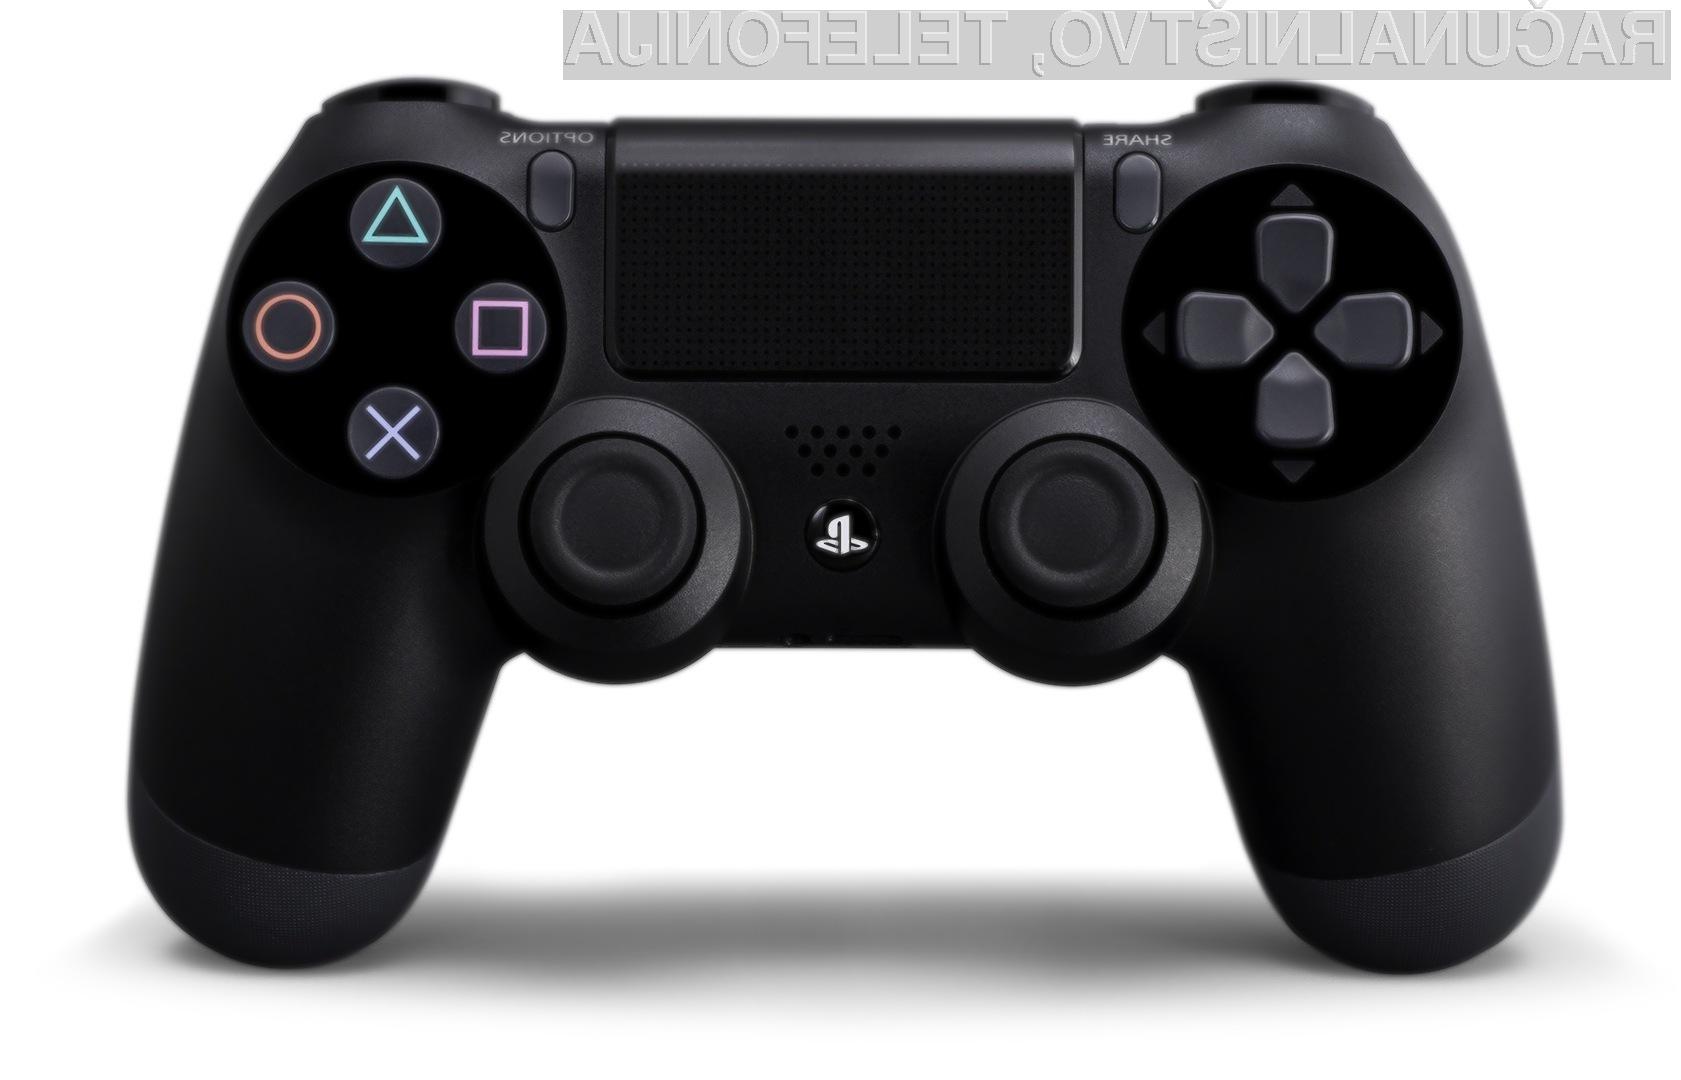 Novi plošček DualShock 4 bo prav gotovo ena izmed največjih pridobitev nove konzole.